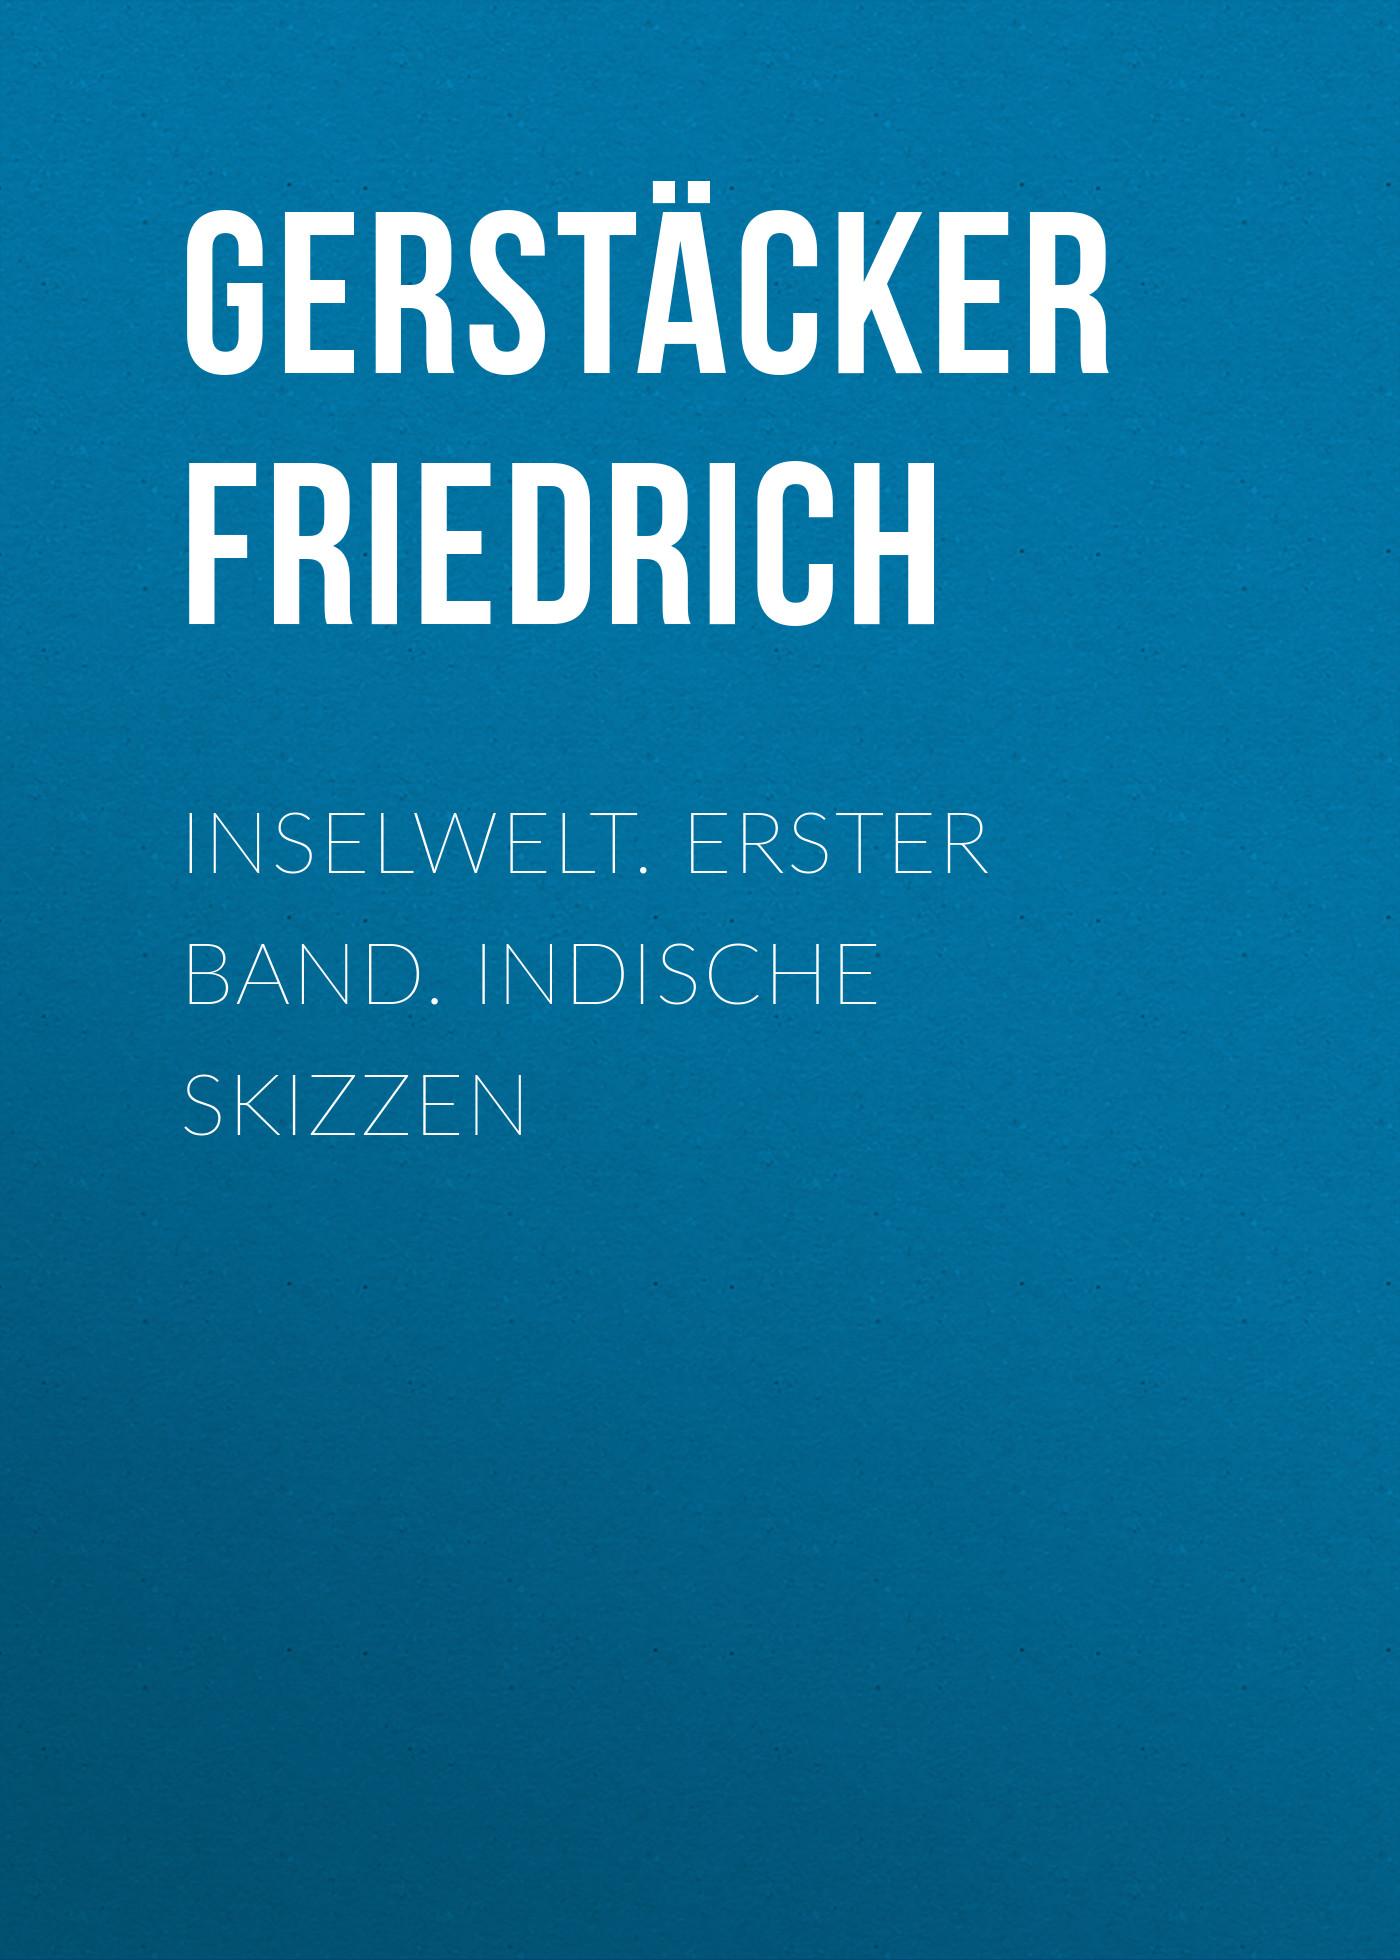 цены Gerstäcker Friedrich Inselwelt. Erster Band. Indische Skizzen